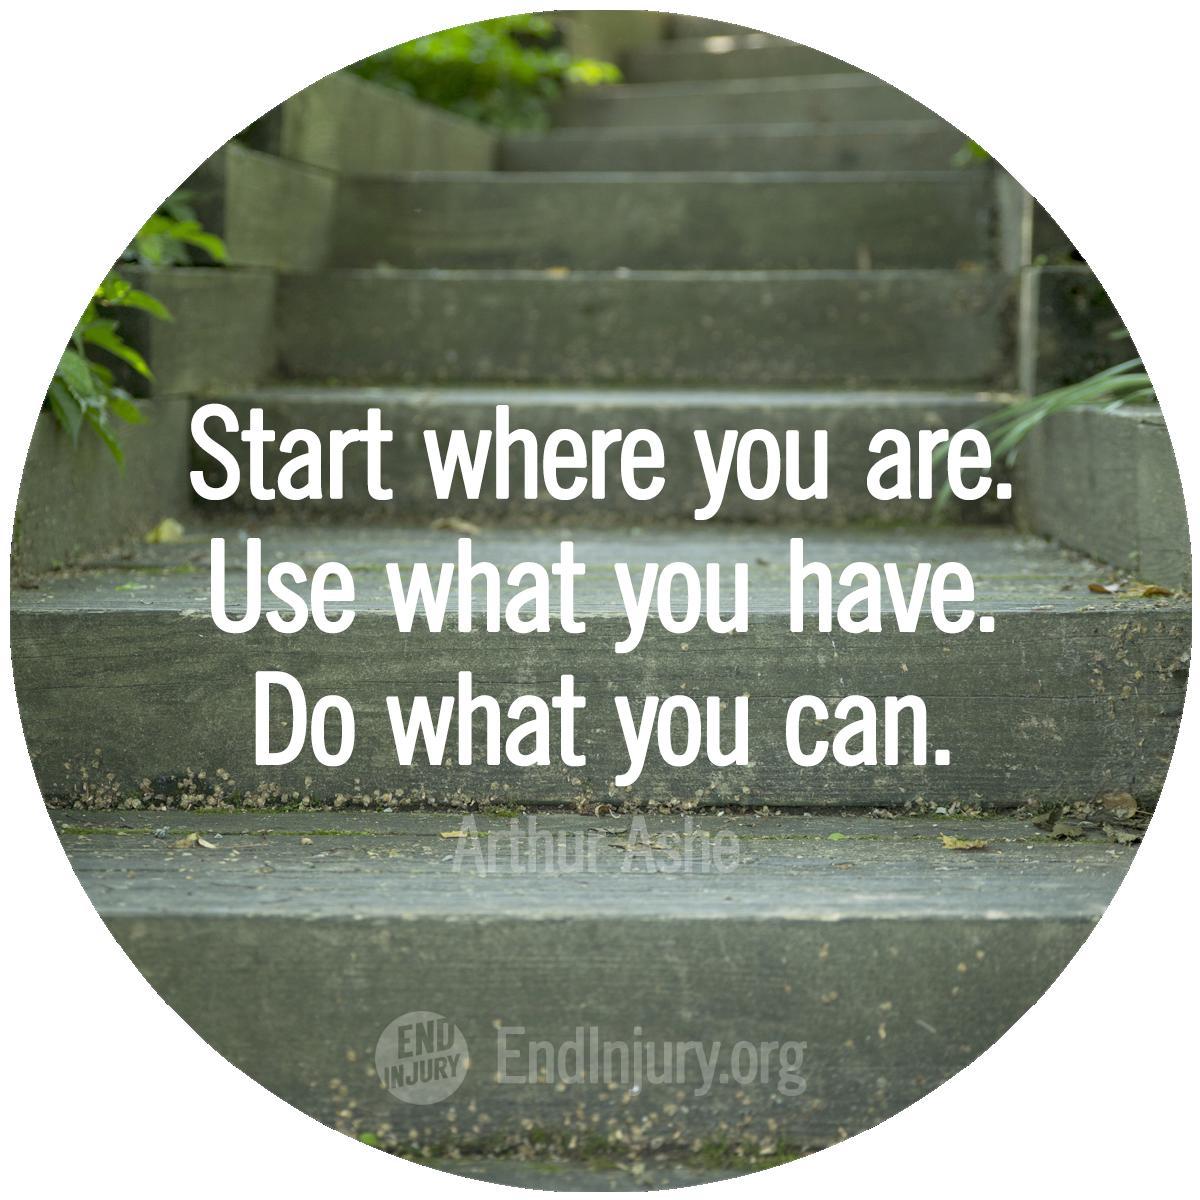 start-arthur-ashe-quote